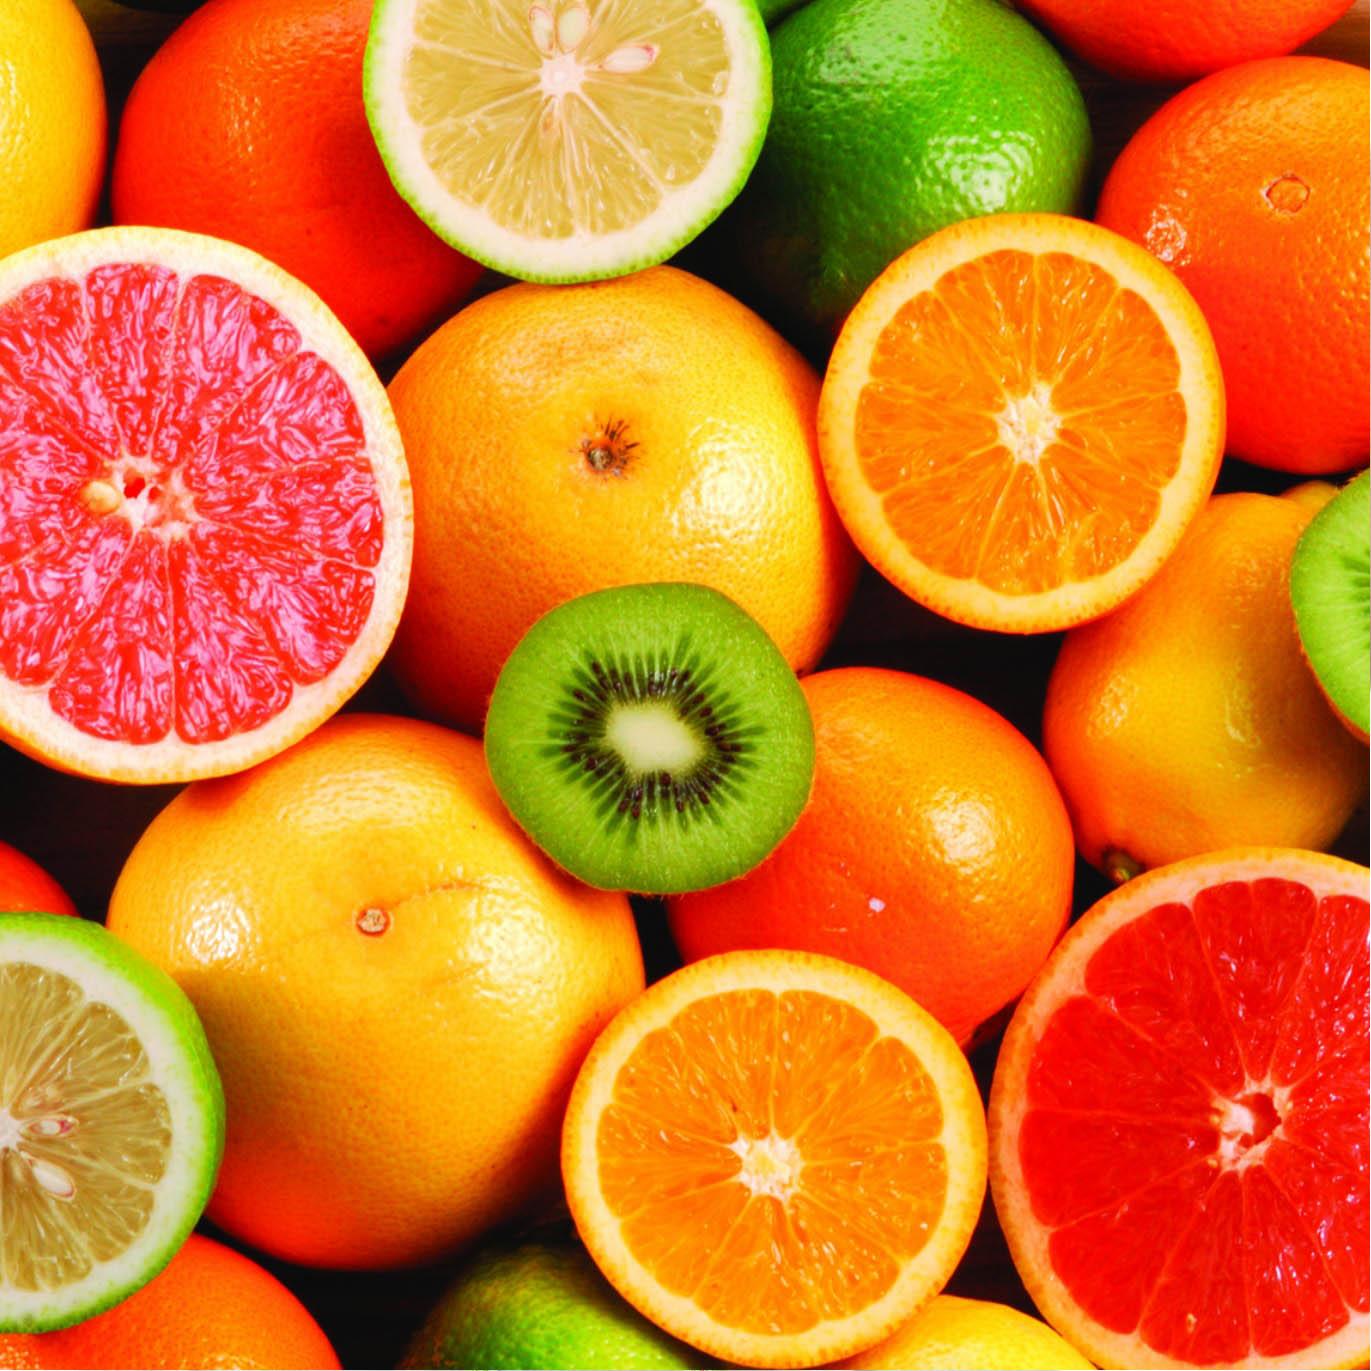 10 Fruits for Diet Program